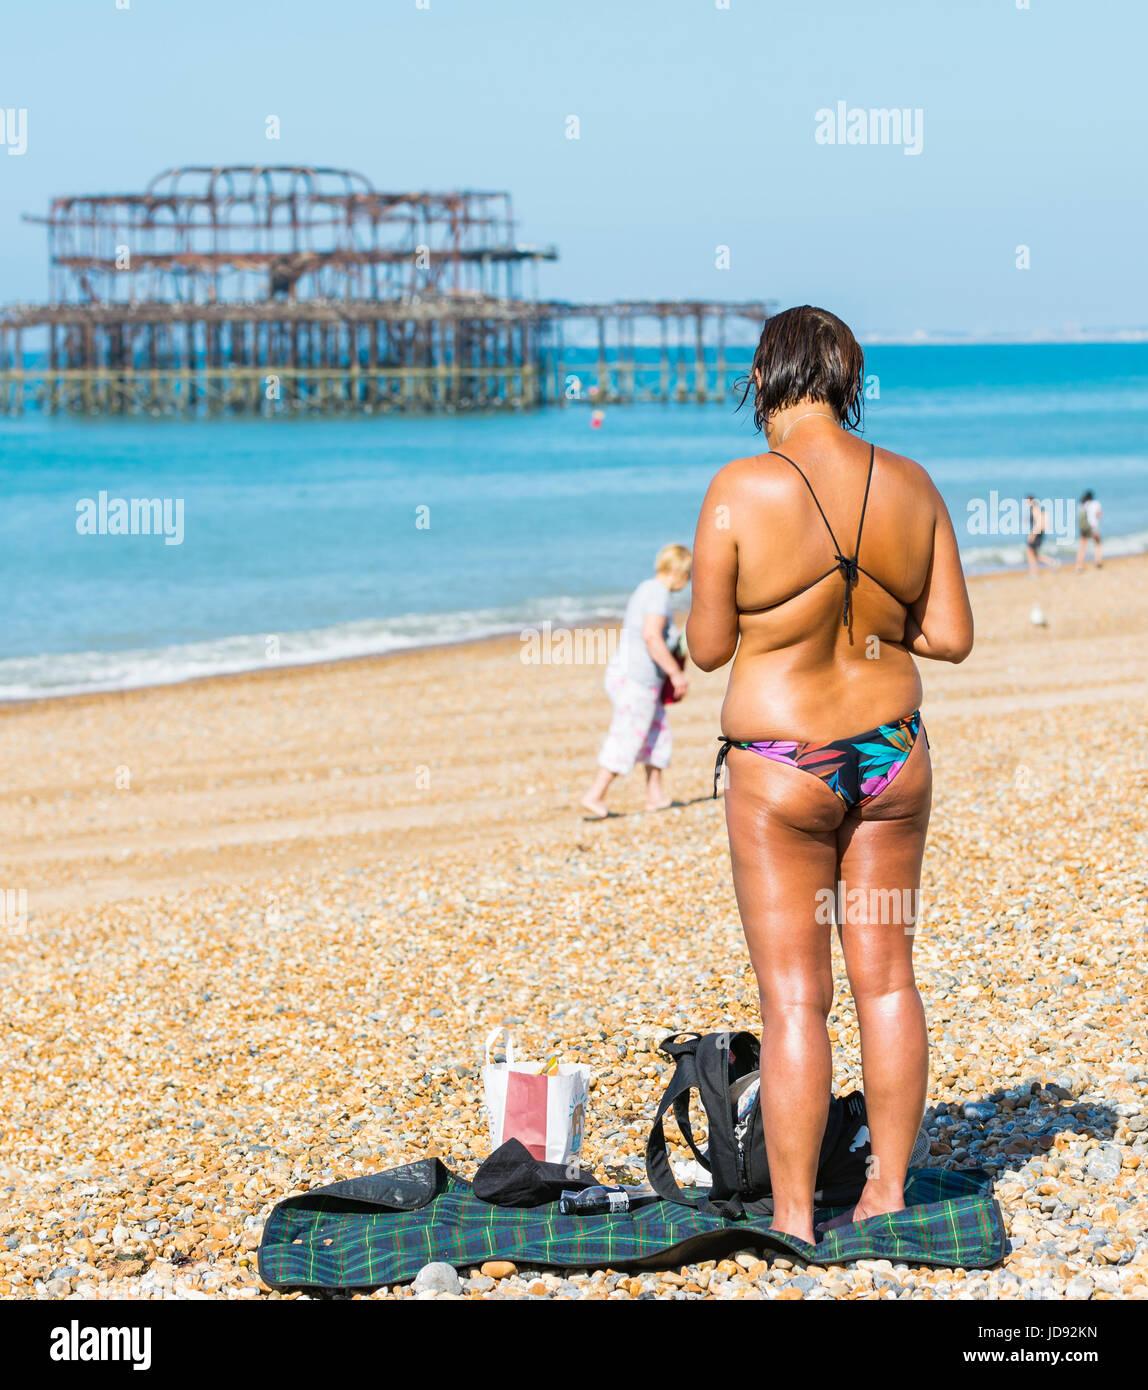 Concetto di estate. pesantemente donna conciata in un bikini permanente sulla spiaggia in una calda giornata estiva Immagini Stock